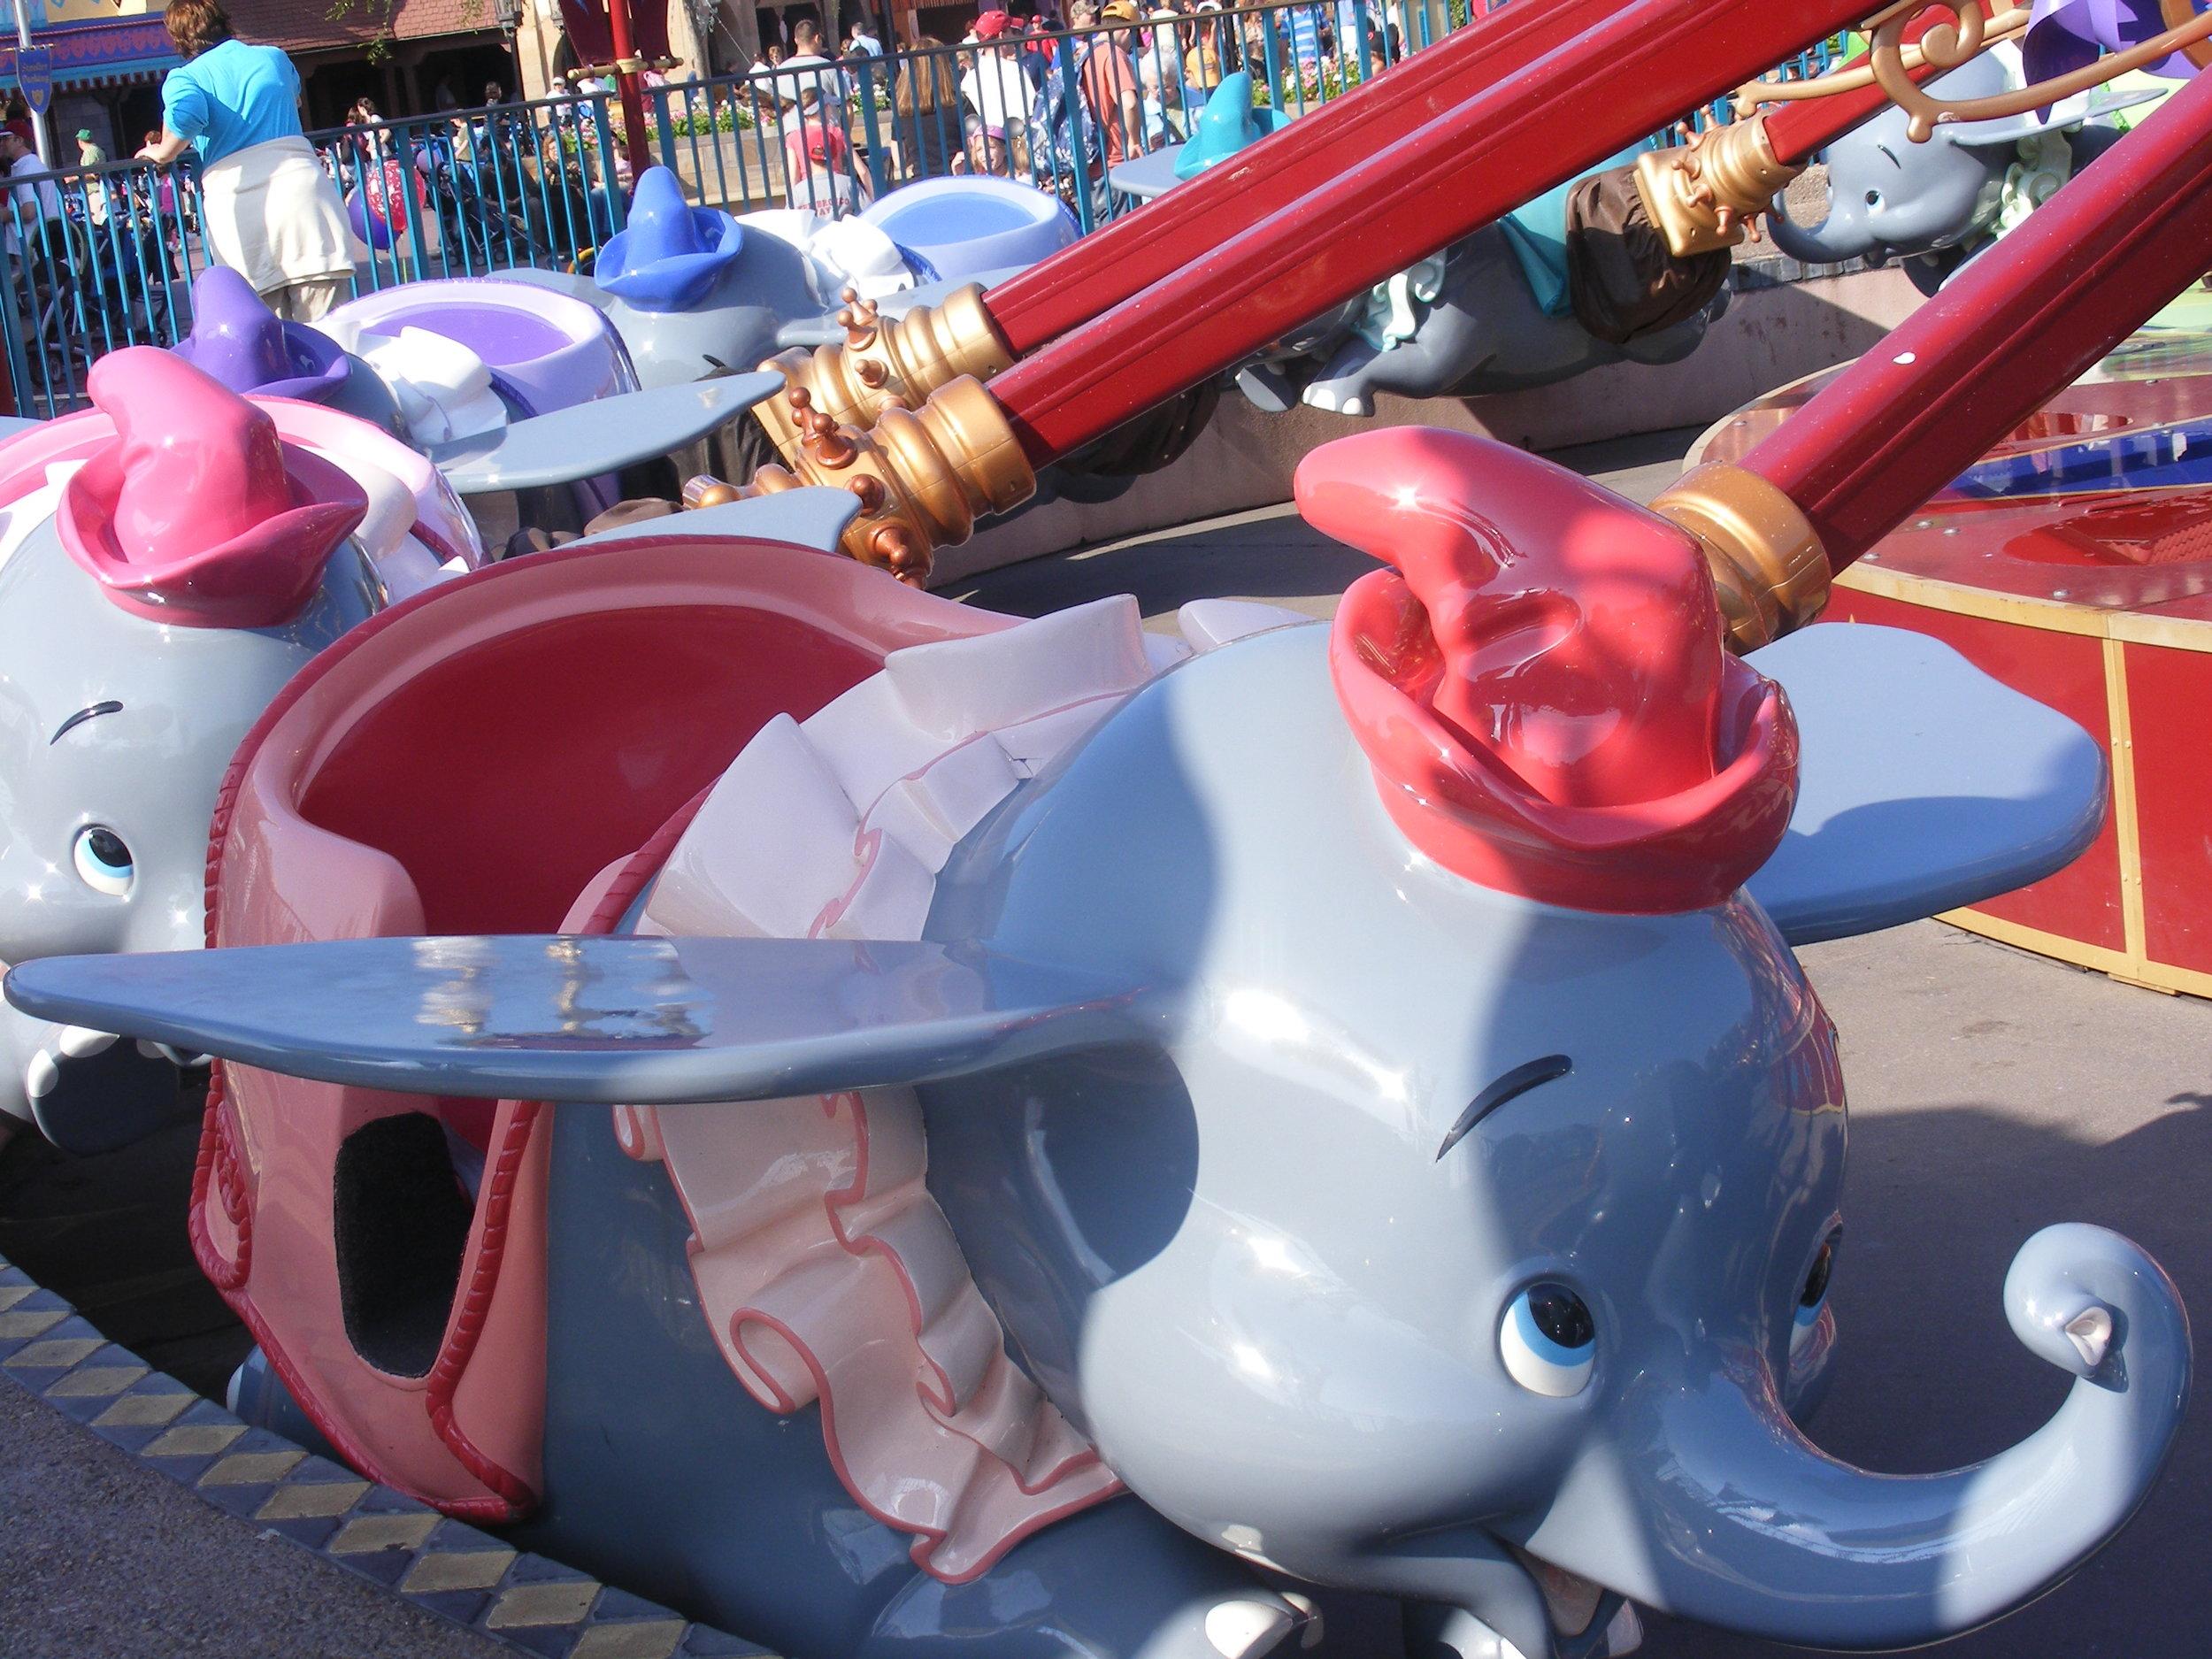 Dumbo The Flying Elephant, Fantasyland, Magic Kingdom